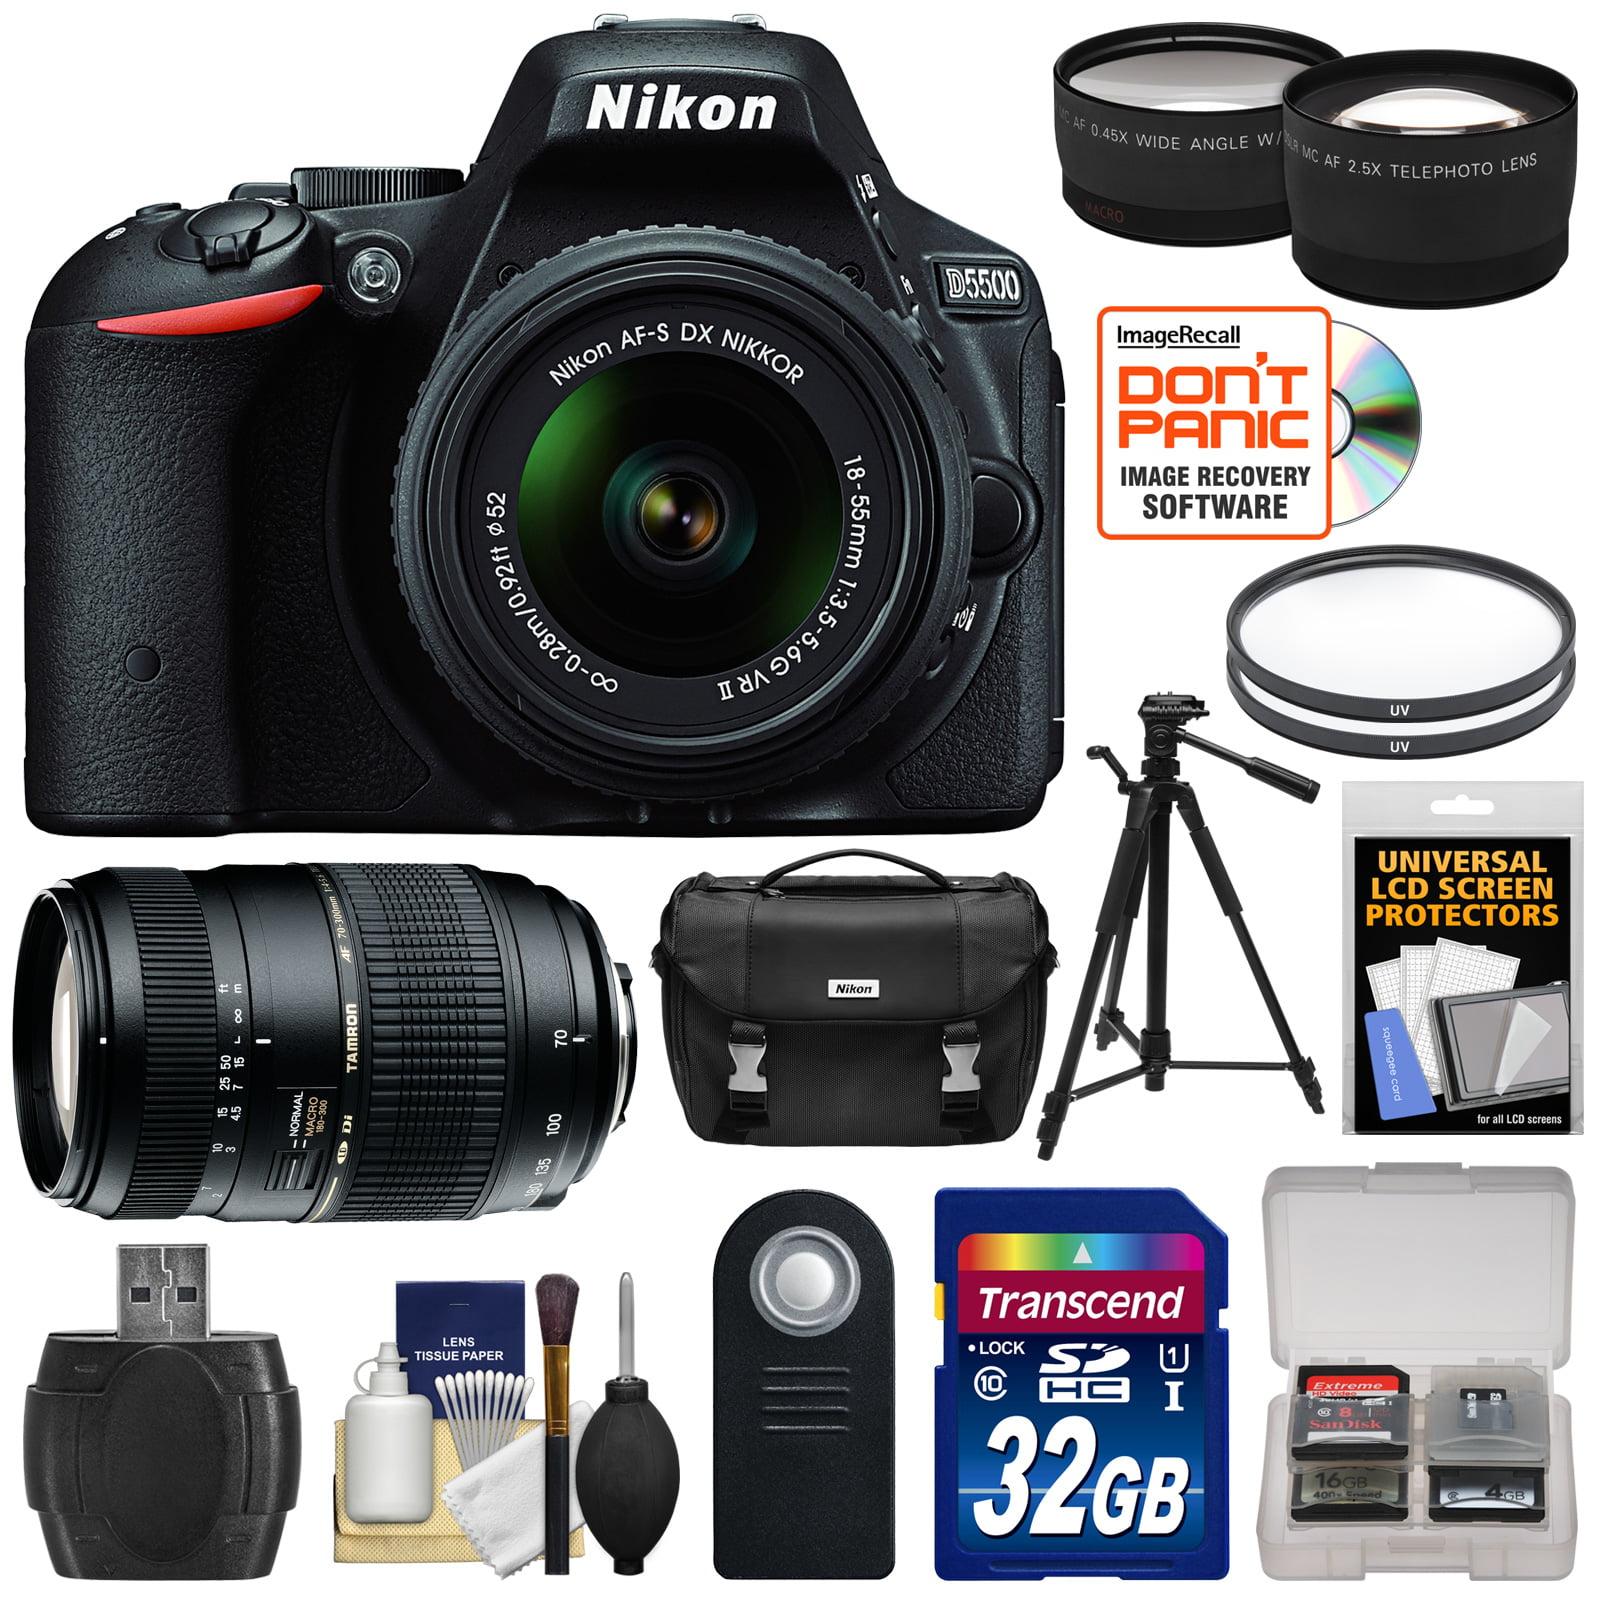 Nikon D5500 Wi-Fi Digital SLR Camera & 18-55mm VR DX Lens (Black) Factory Refurbished with 70-300mm Zoom Lens... by Nikon